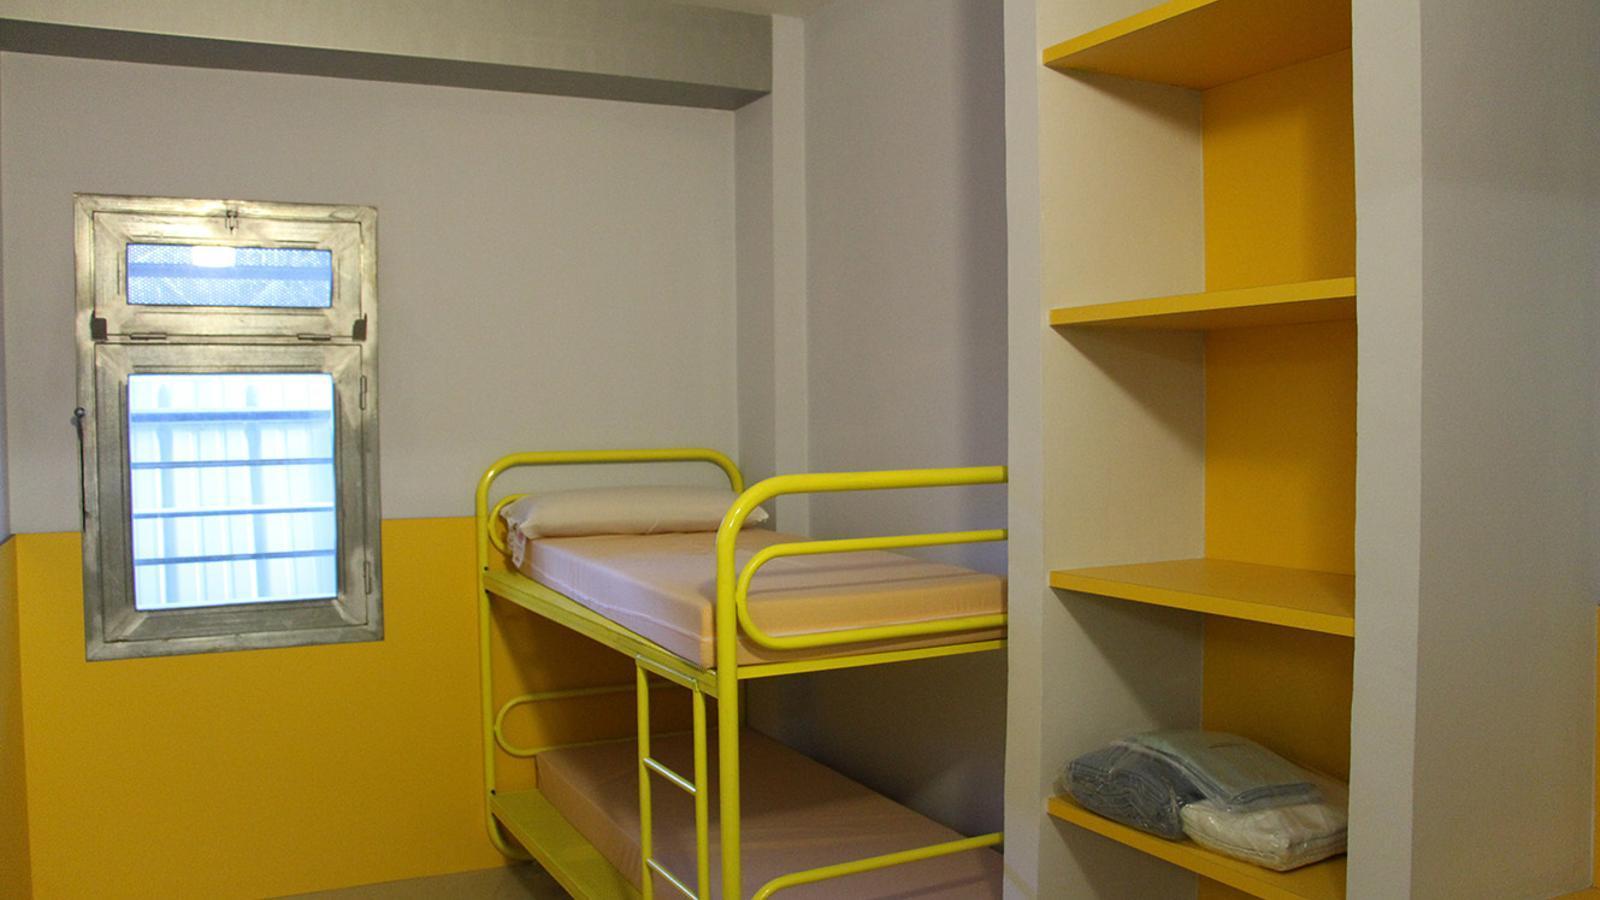 Una de les cel·les del Centre penitenciari de la Comella. / ANA